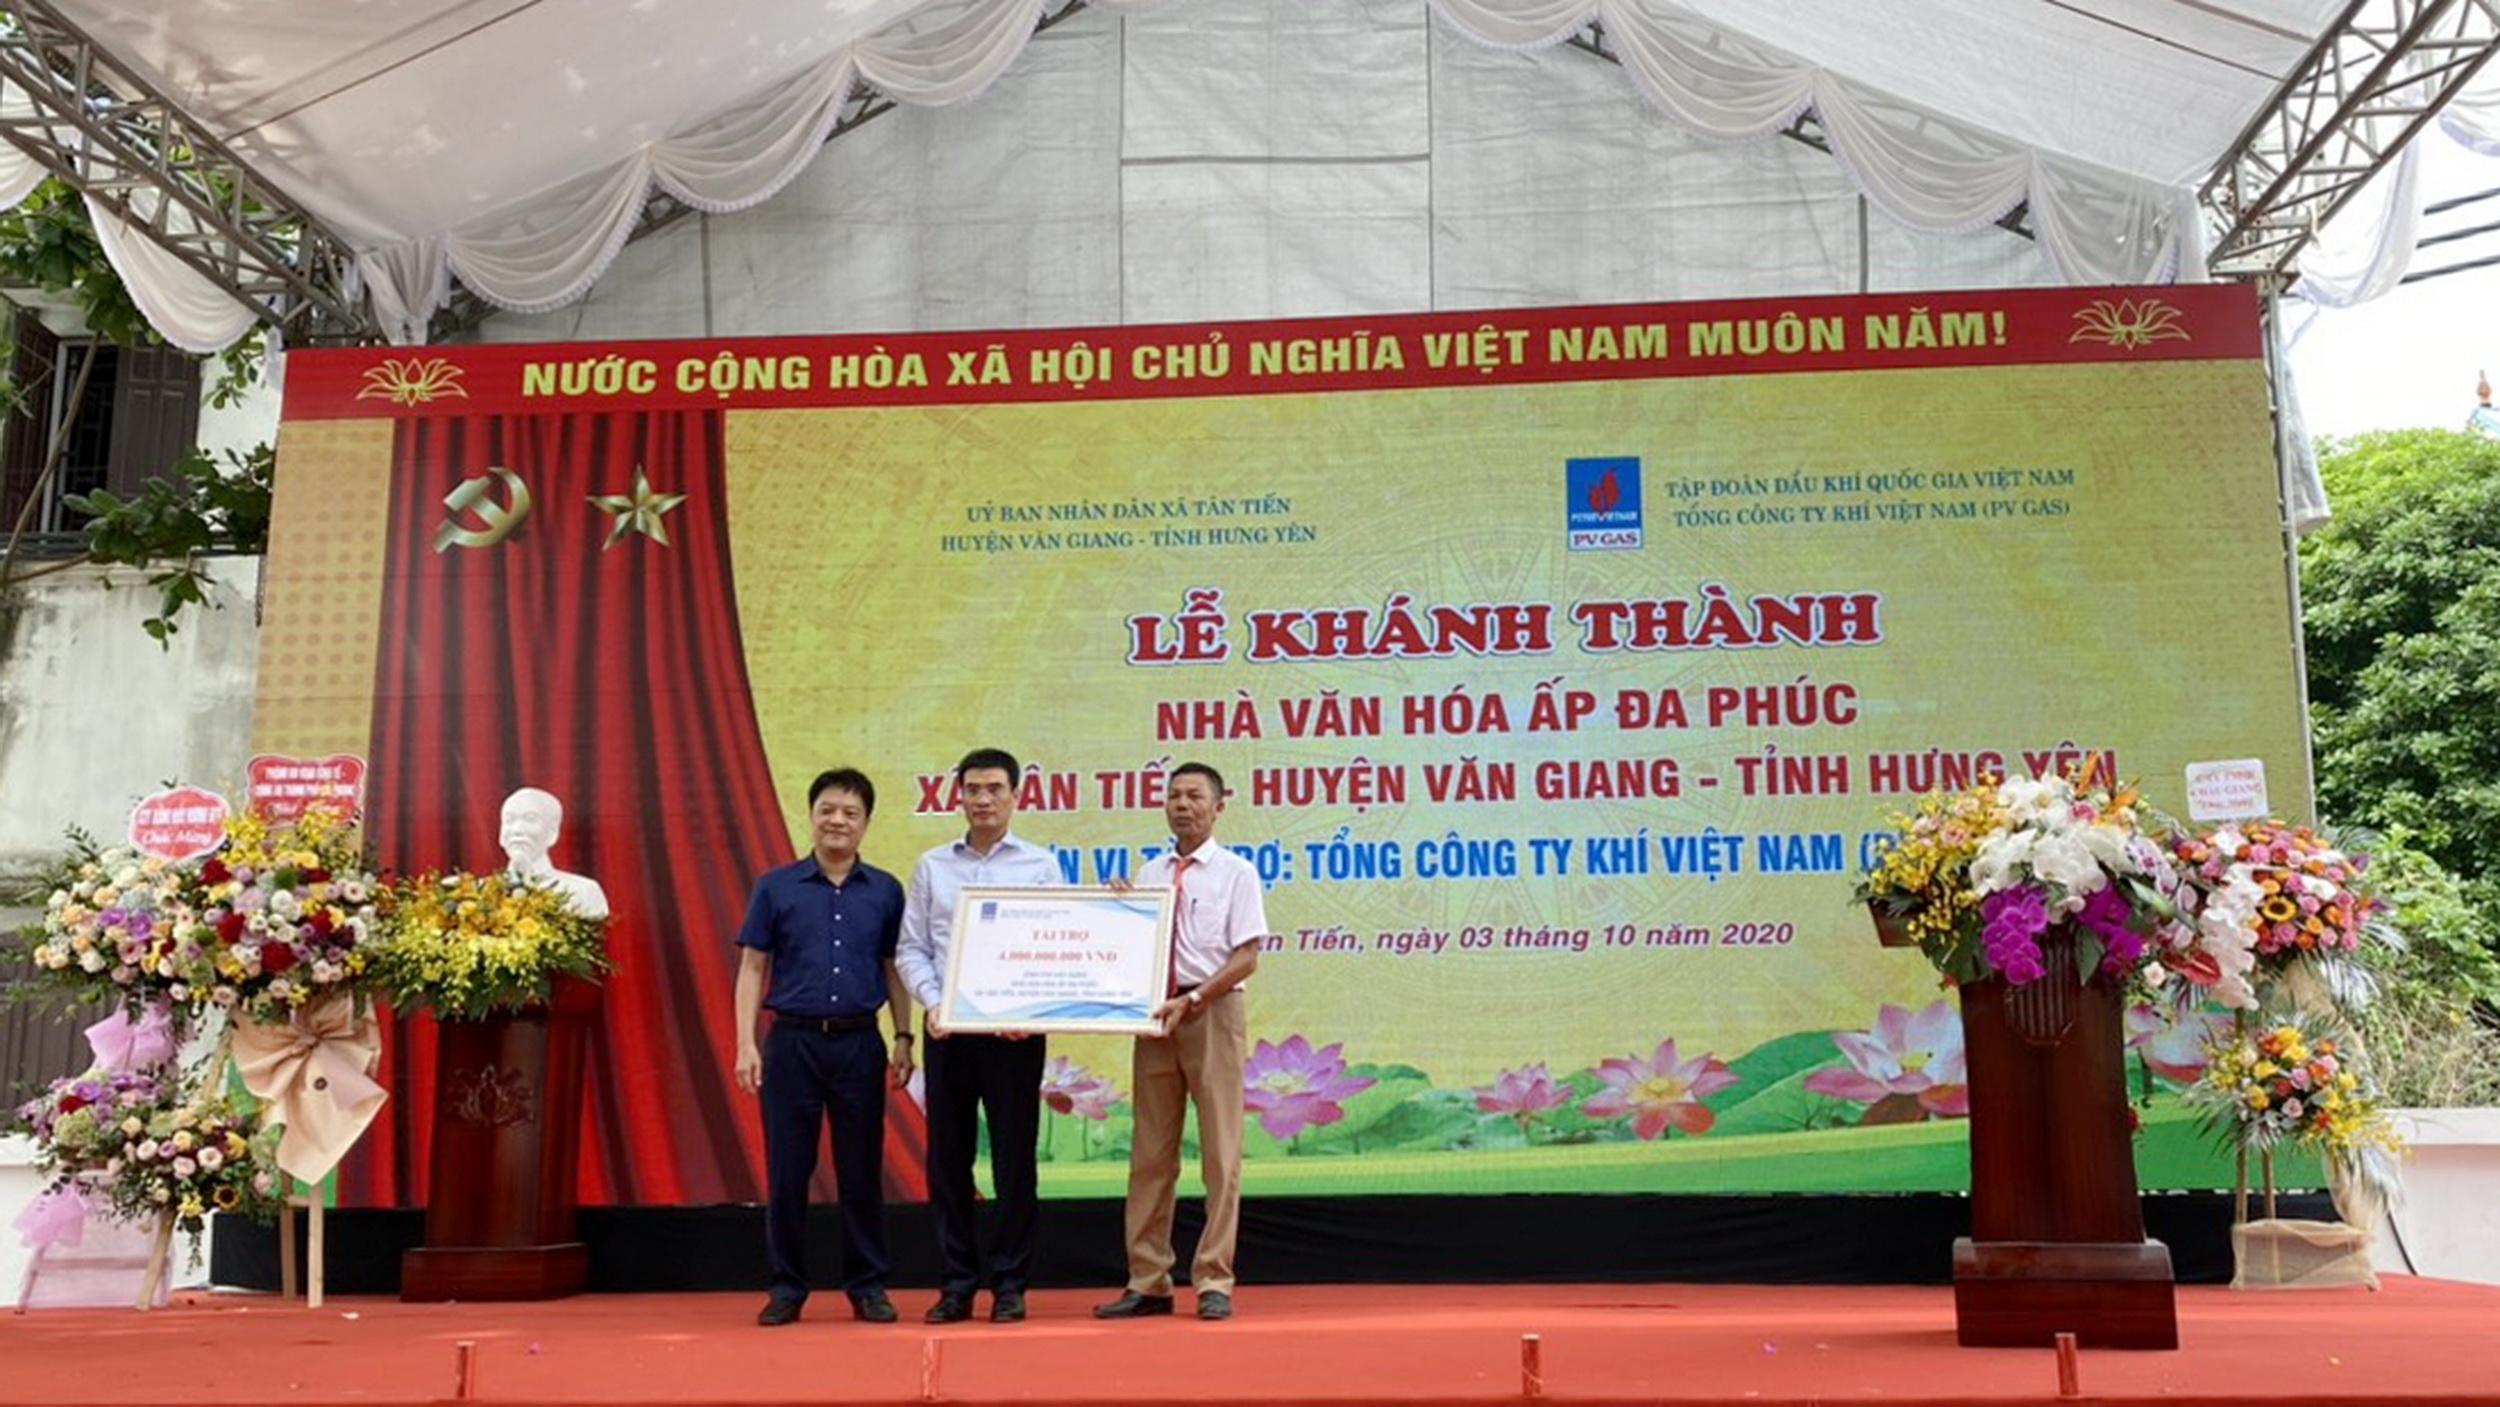 Tổng giám đốc PV GAS trao tặng chứng nhận tài trợ cho địa phương